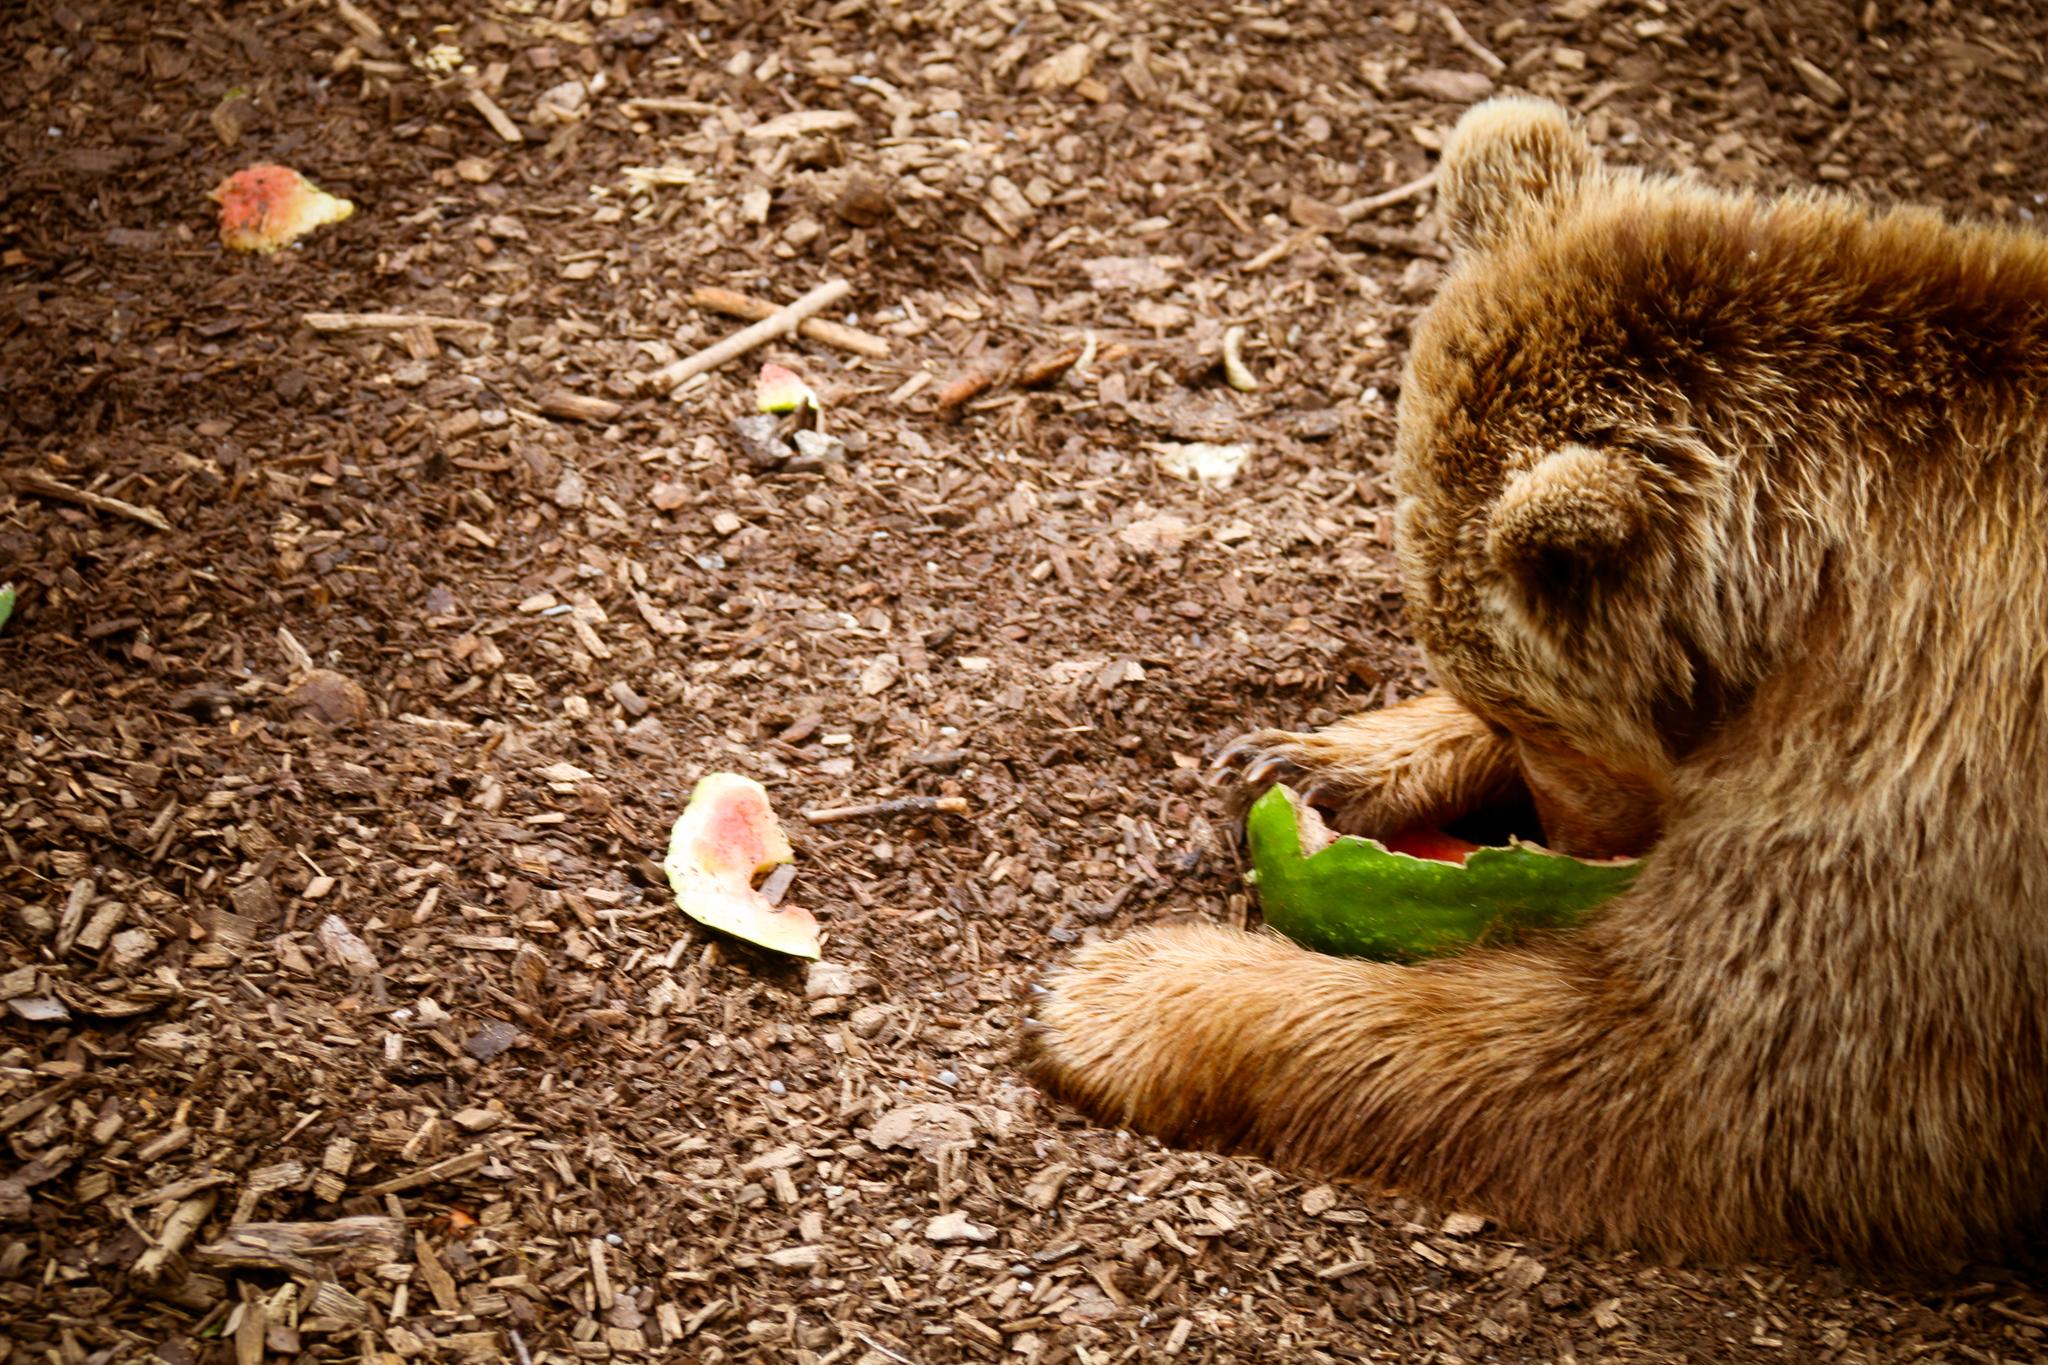 Daar is dan eindelijk een echte beer!